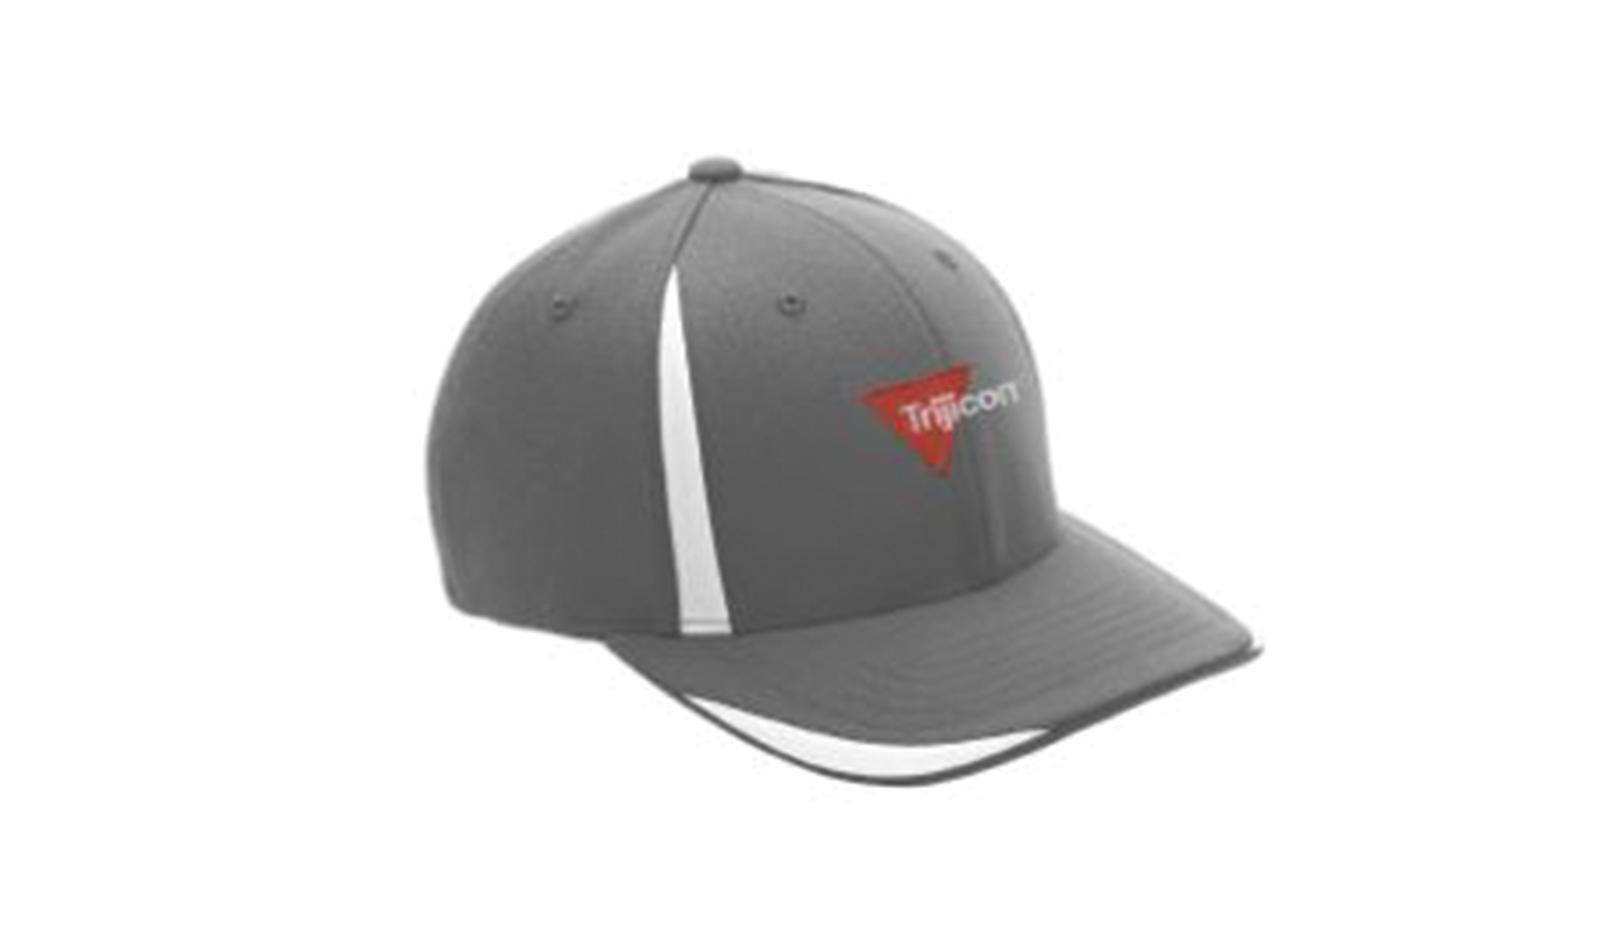 Trijicon<sup>®</sup> Flexfit Hat - Gray/White - L/XL